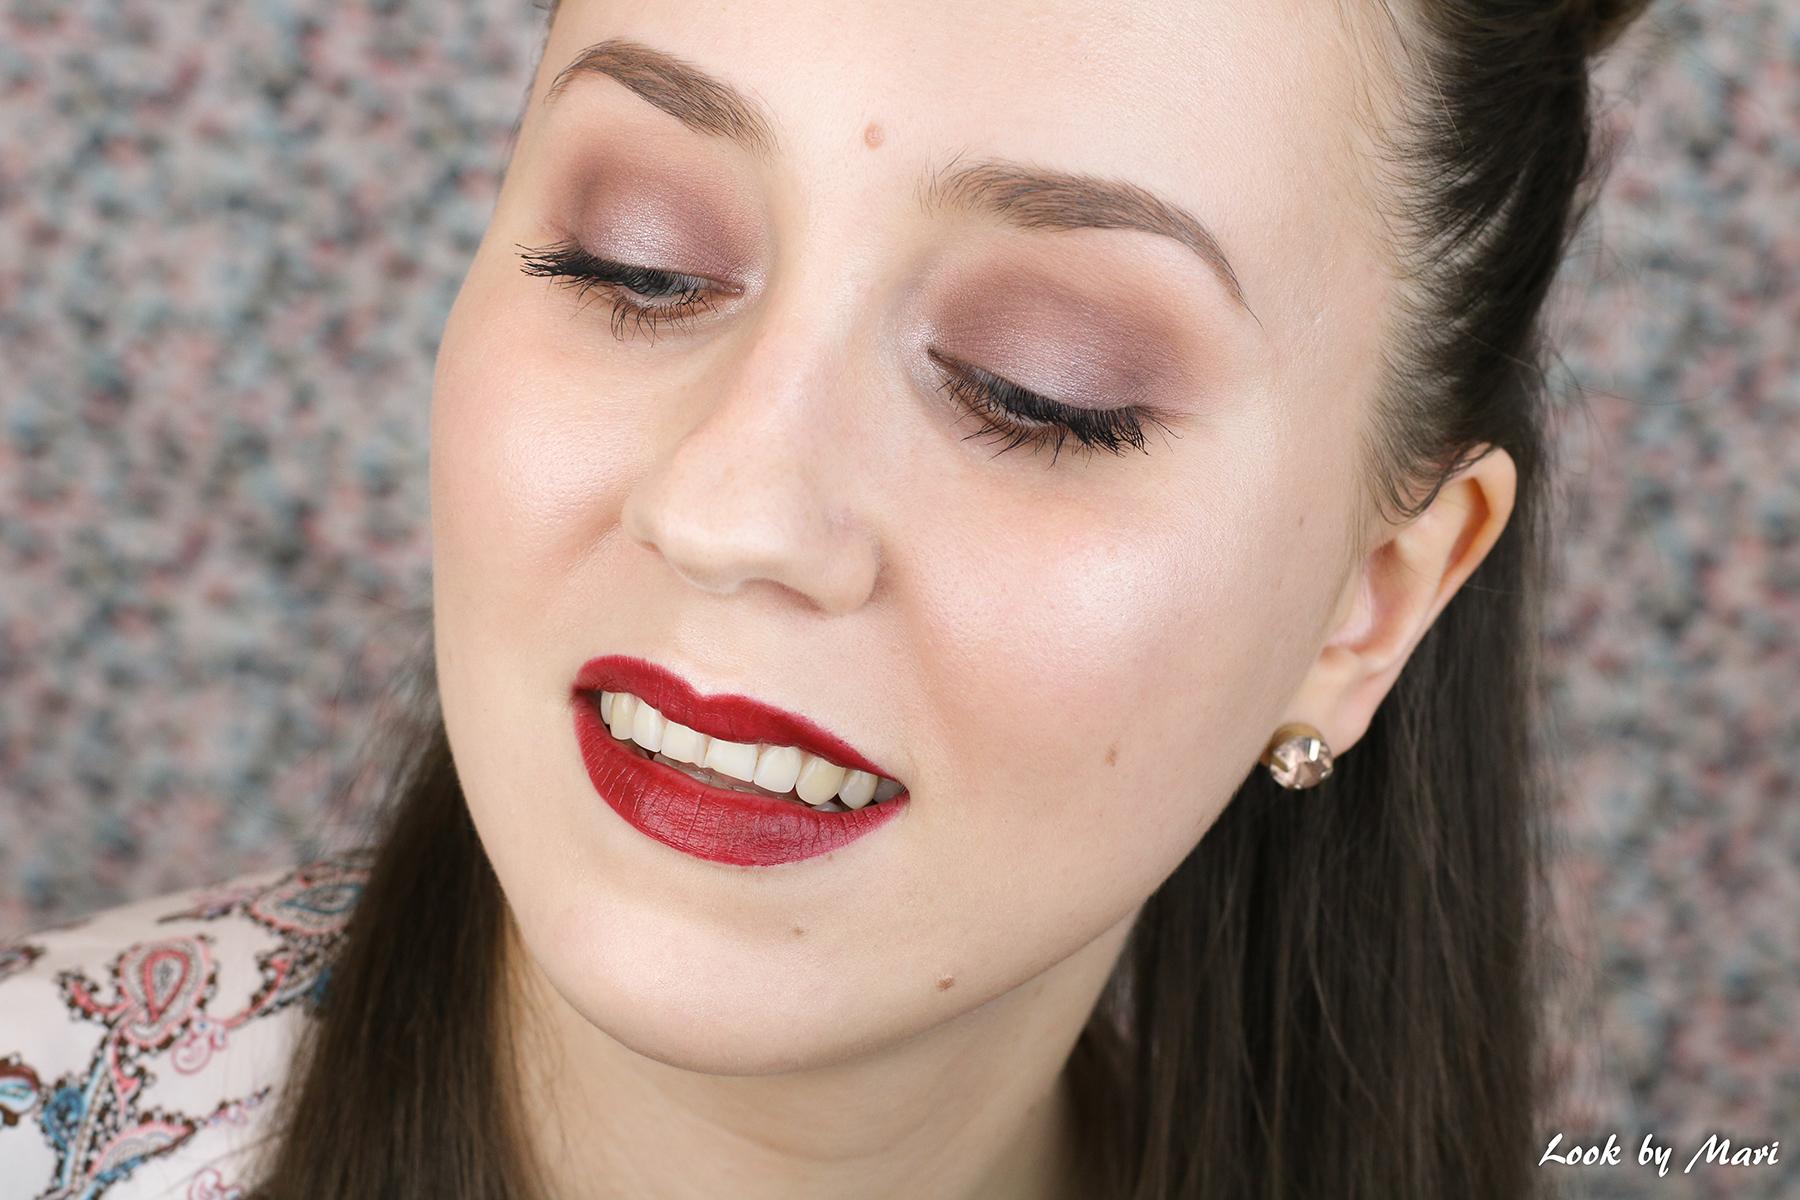 13 lumene parhaat tuotteet mitä ostaa seerumi kulmakynä meikkivoide kokemuksia